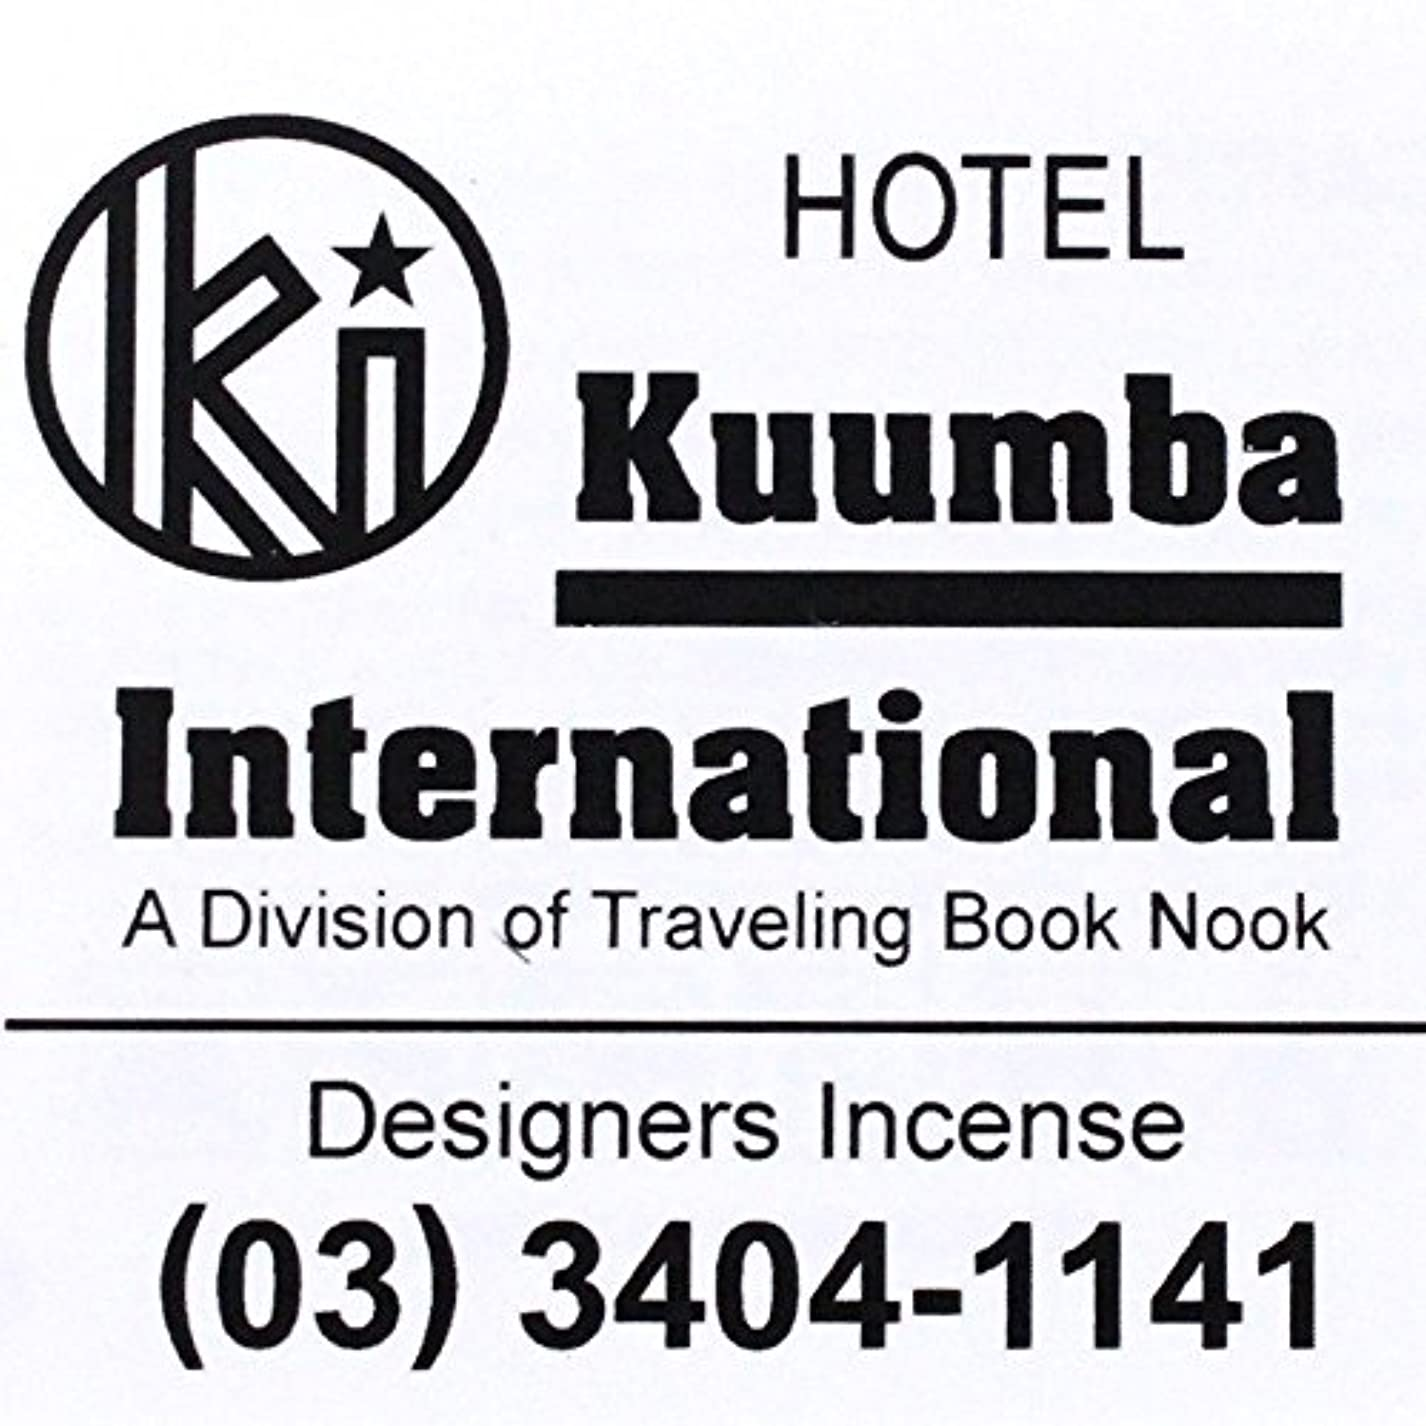 なだめるひまわり裏切り者(クンバ) KUUMBA『incense』(HOTEL) (Regular size)